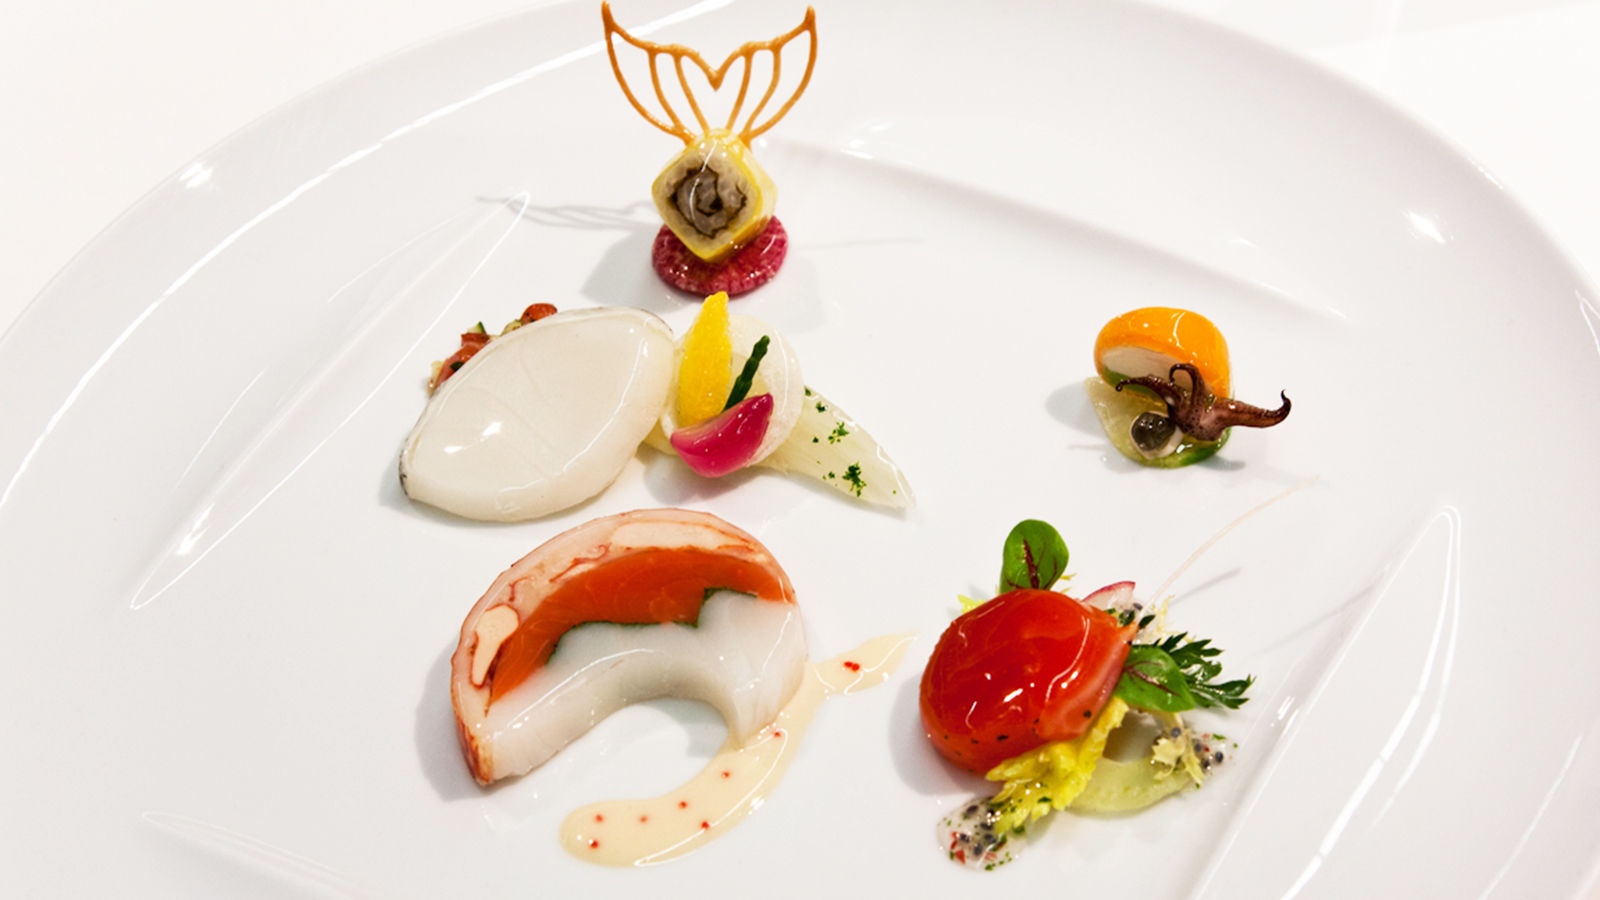 Gold Medal - 2012 Culinary World Olympics - Culinary Team Canada - Chef Poyan Danesh